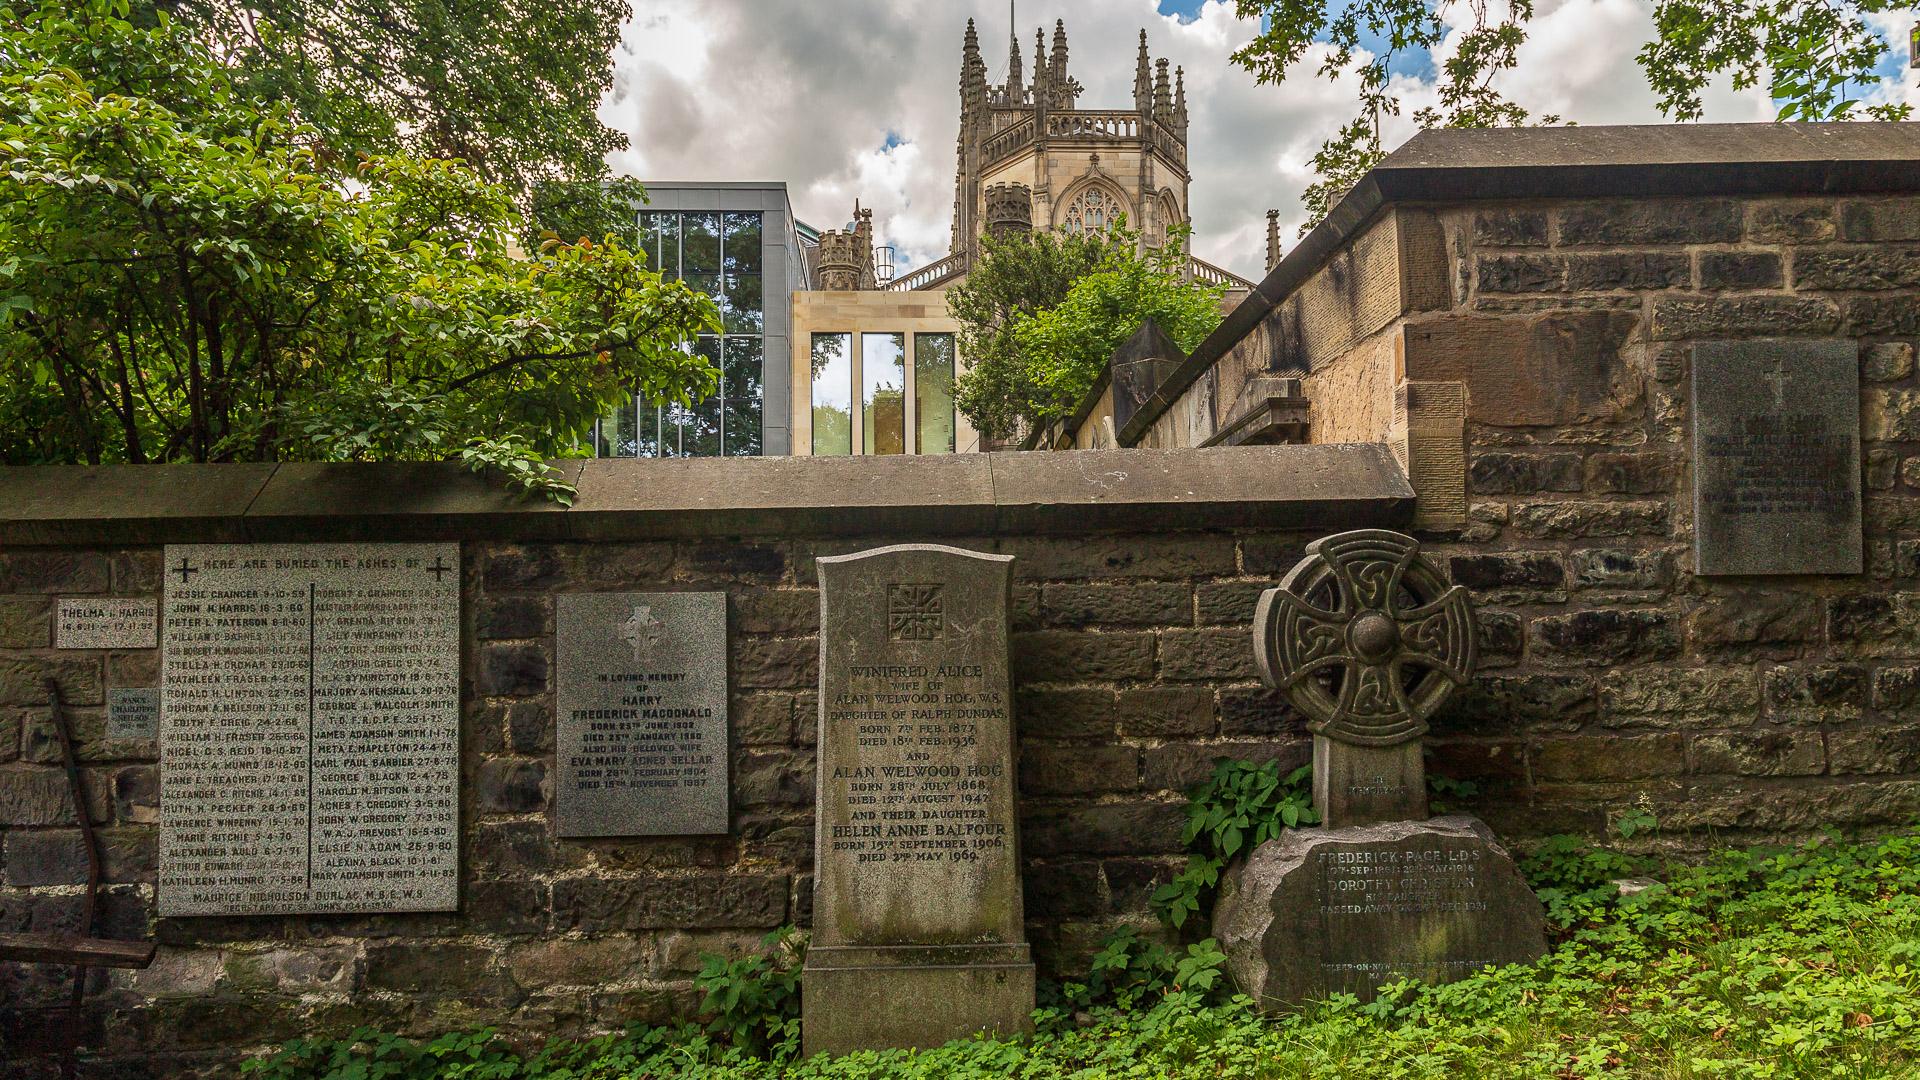 Gräber im Garten um die St John's Church